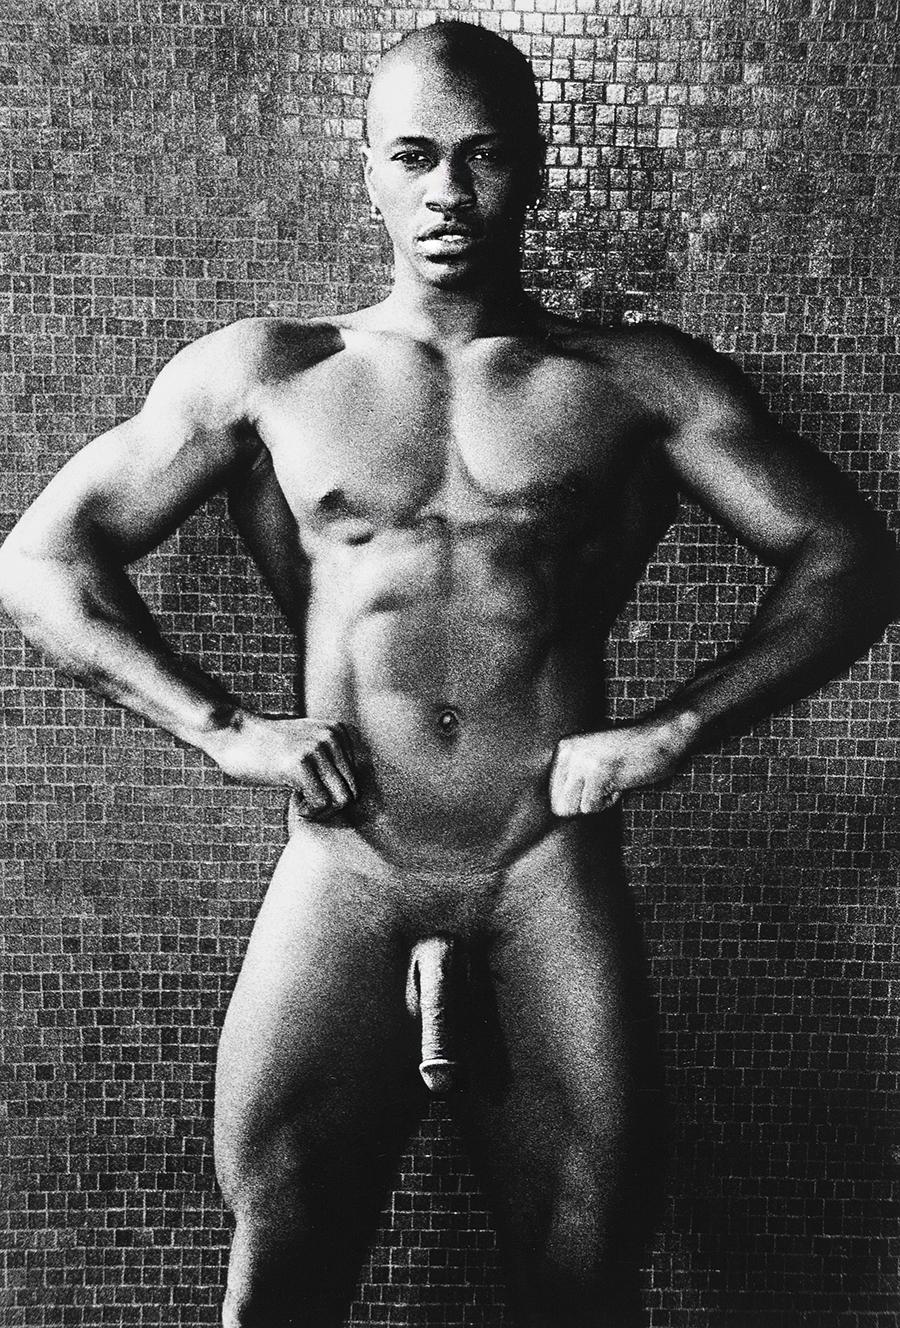 Tony_Ward_Erotic_photography_black_male_nude_Penthouse_magazine